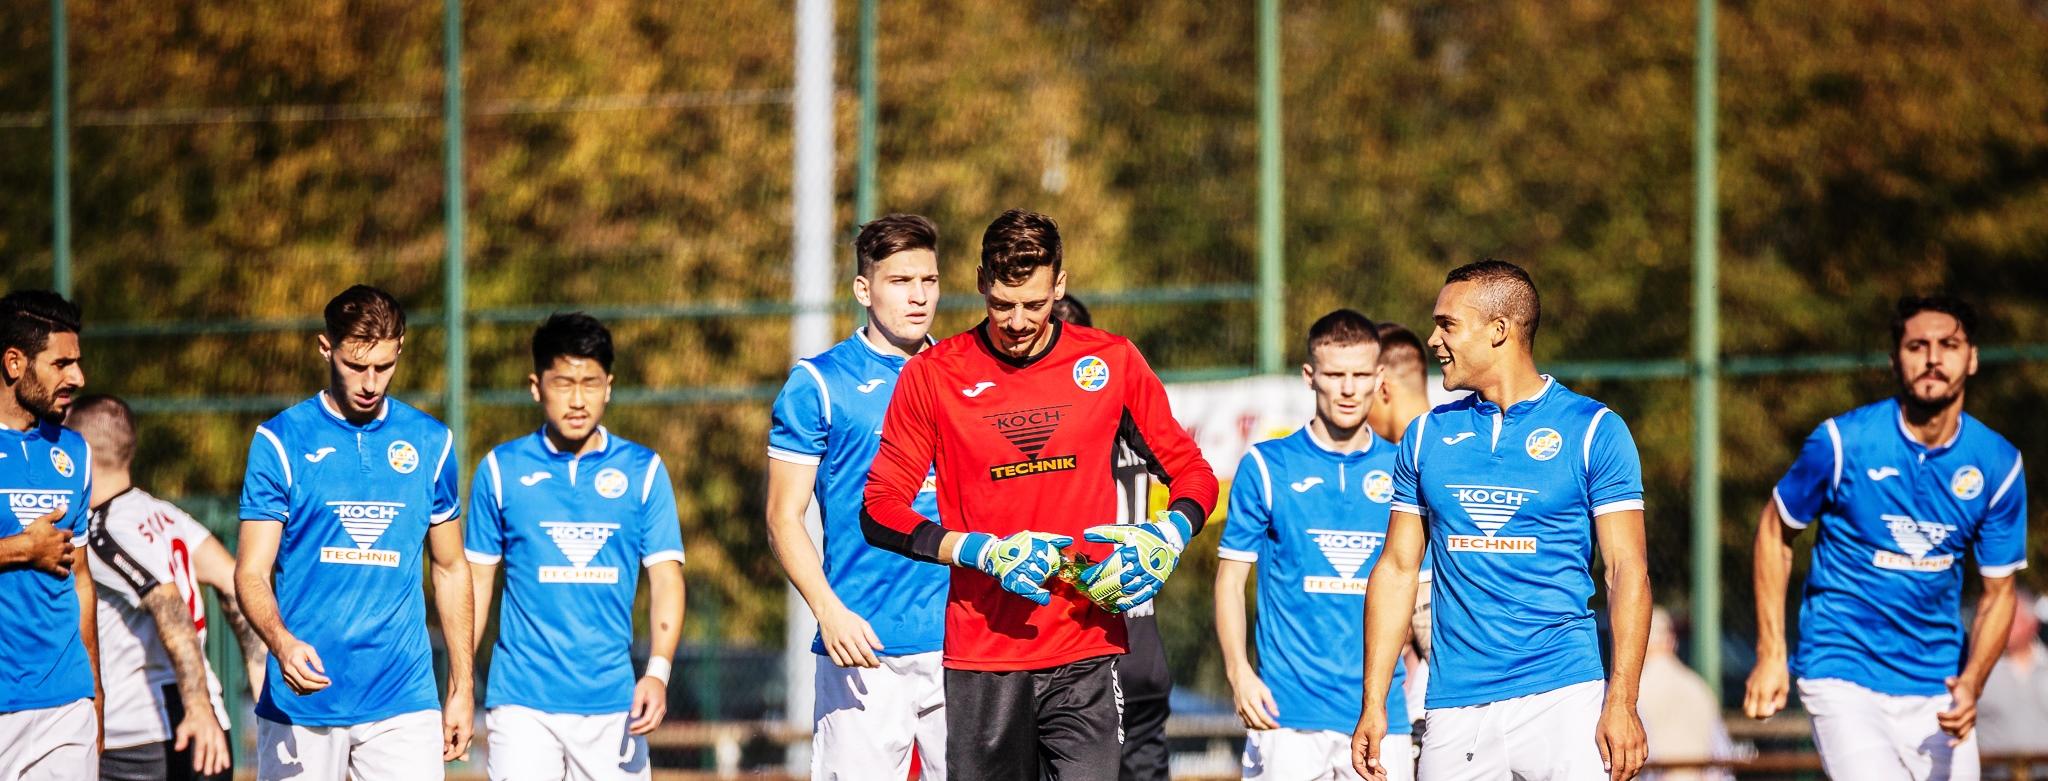 3. November – Heimspiel gegen Ravensburg